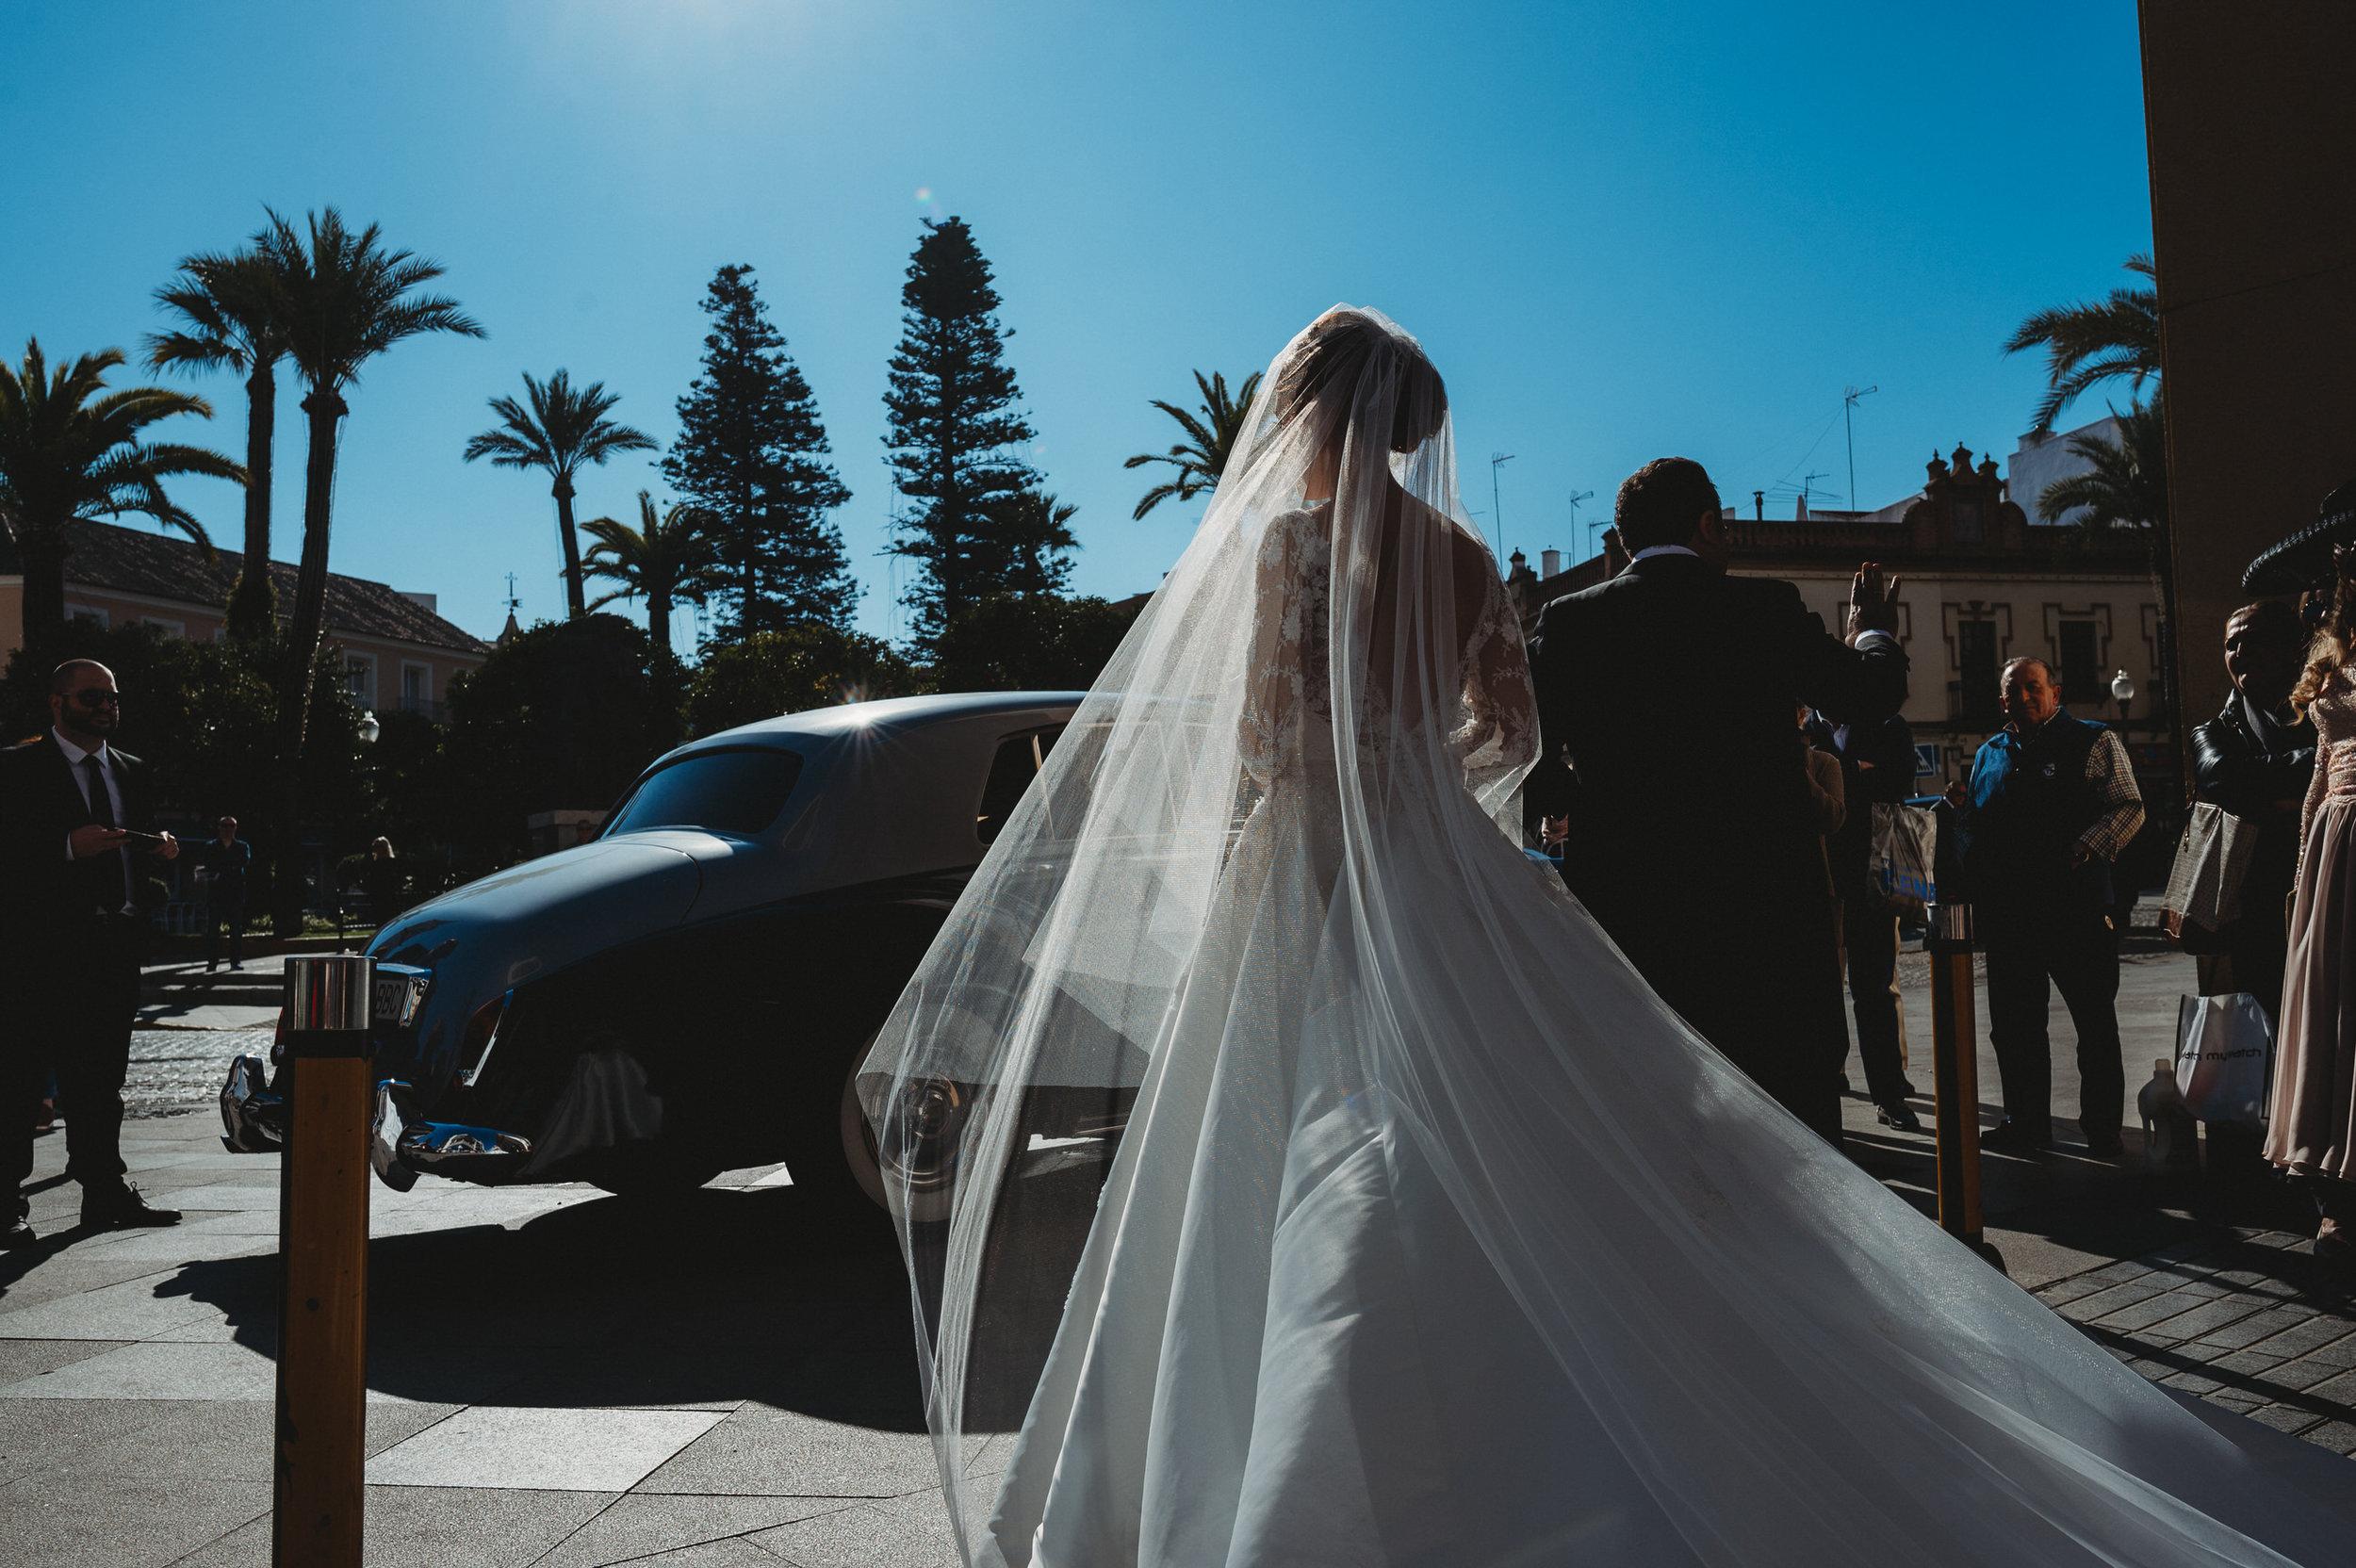 Andrés+Amarillo+fotografo+boda+Utrera+Dos+Hermanas+Santa+Maria+la+blanca+albaraca+Ivan+Campaña+los+tumbao (39).JPG